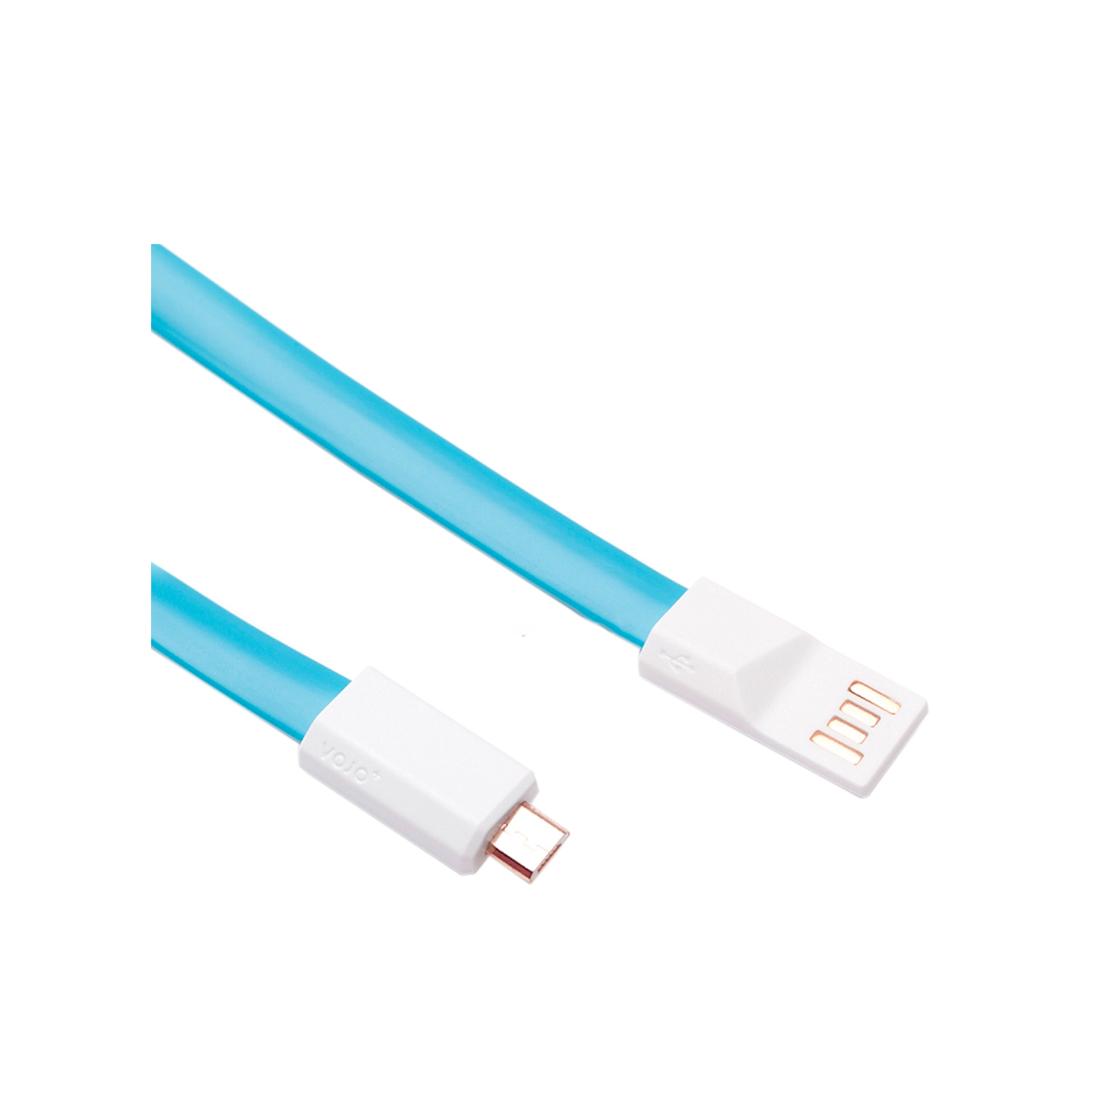 Интерфейсный кабель MICRO USB Xiaomi 120cm Голубой